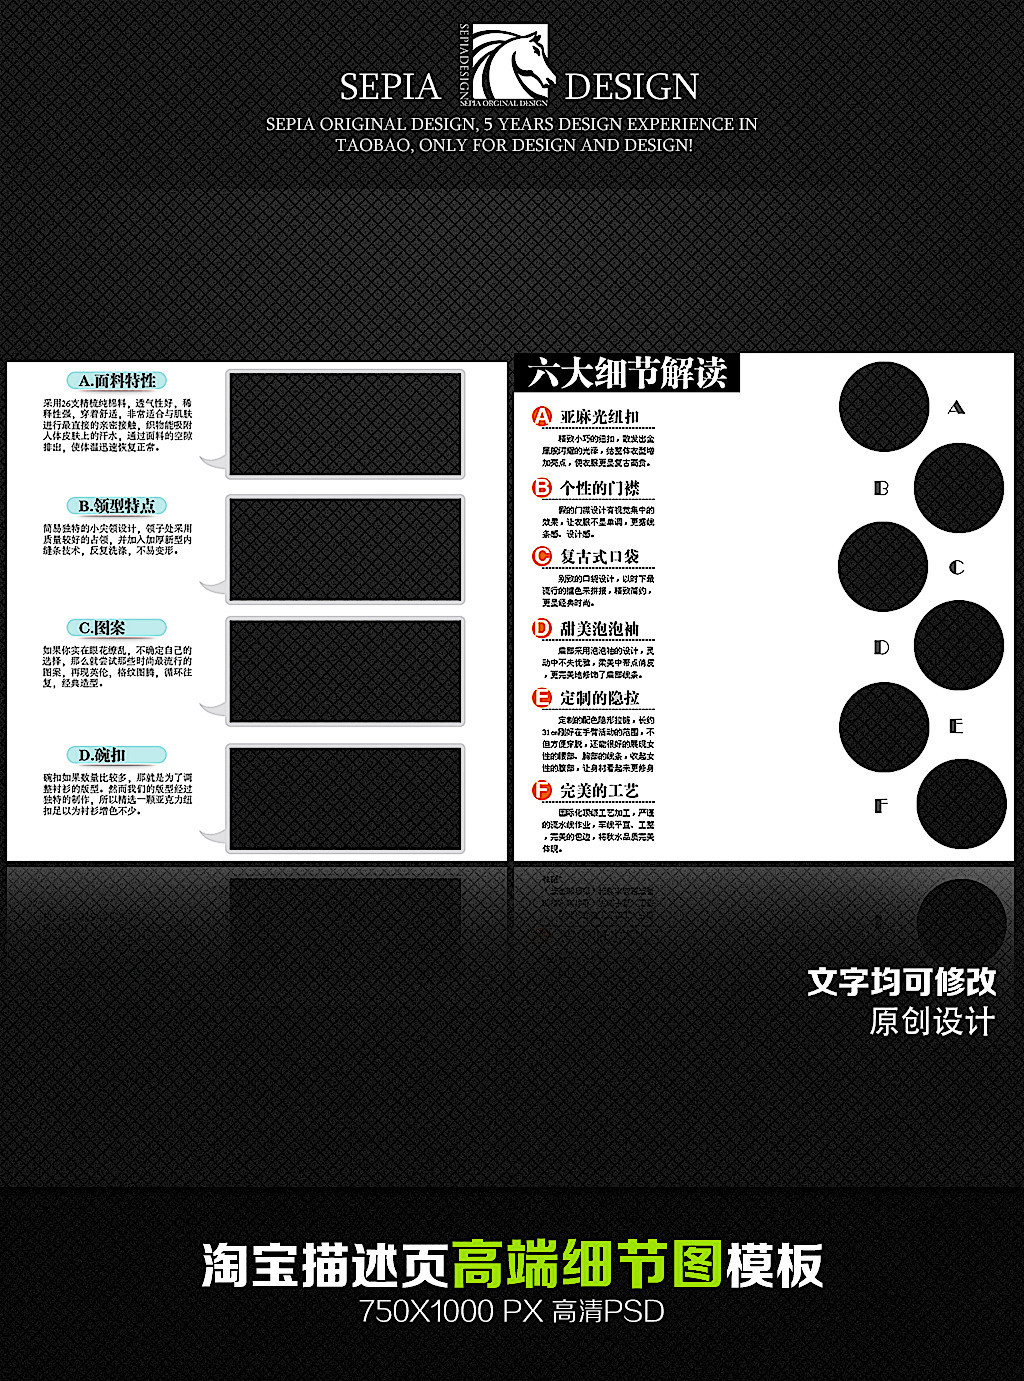 淘宝详情页描述素材psd模板下载